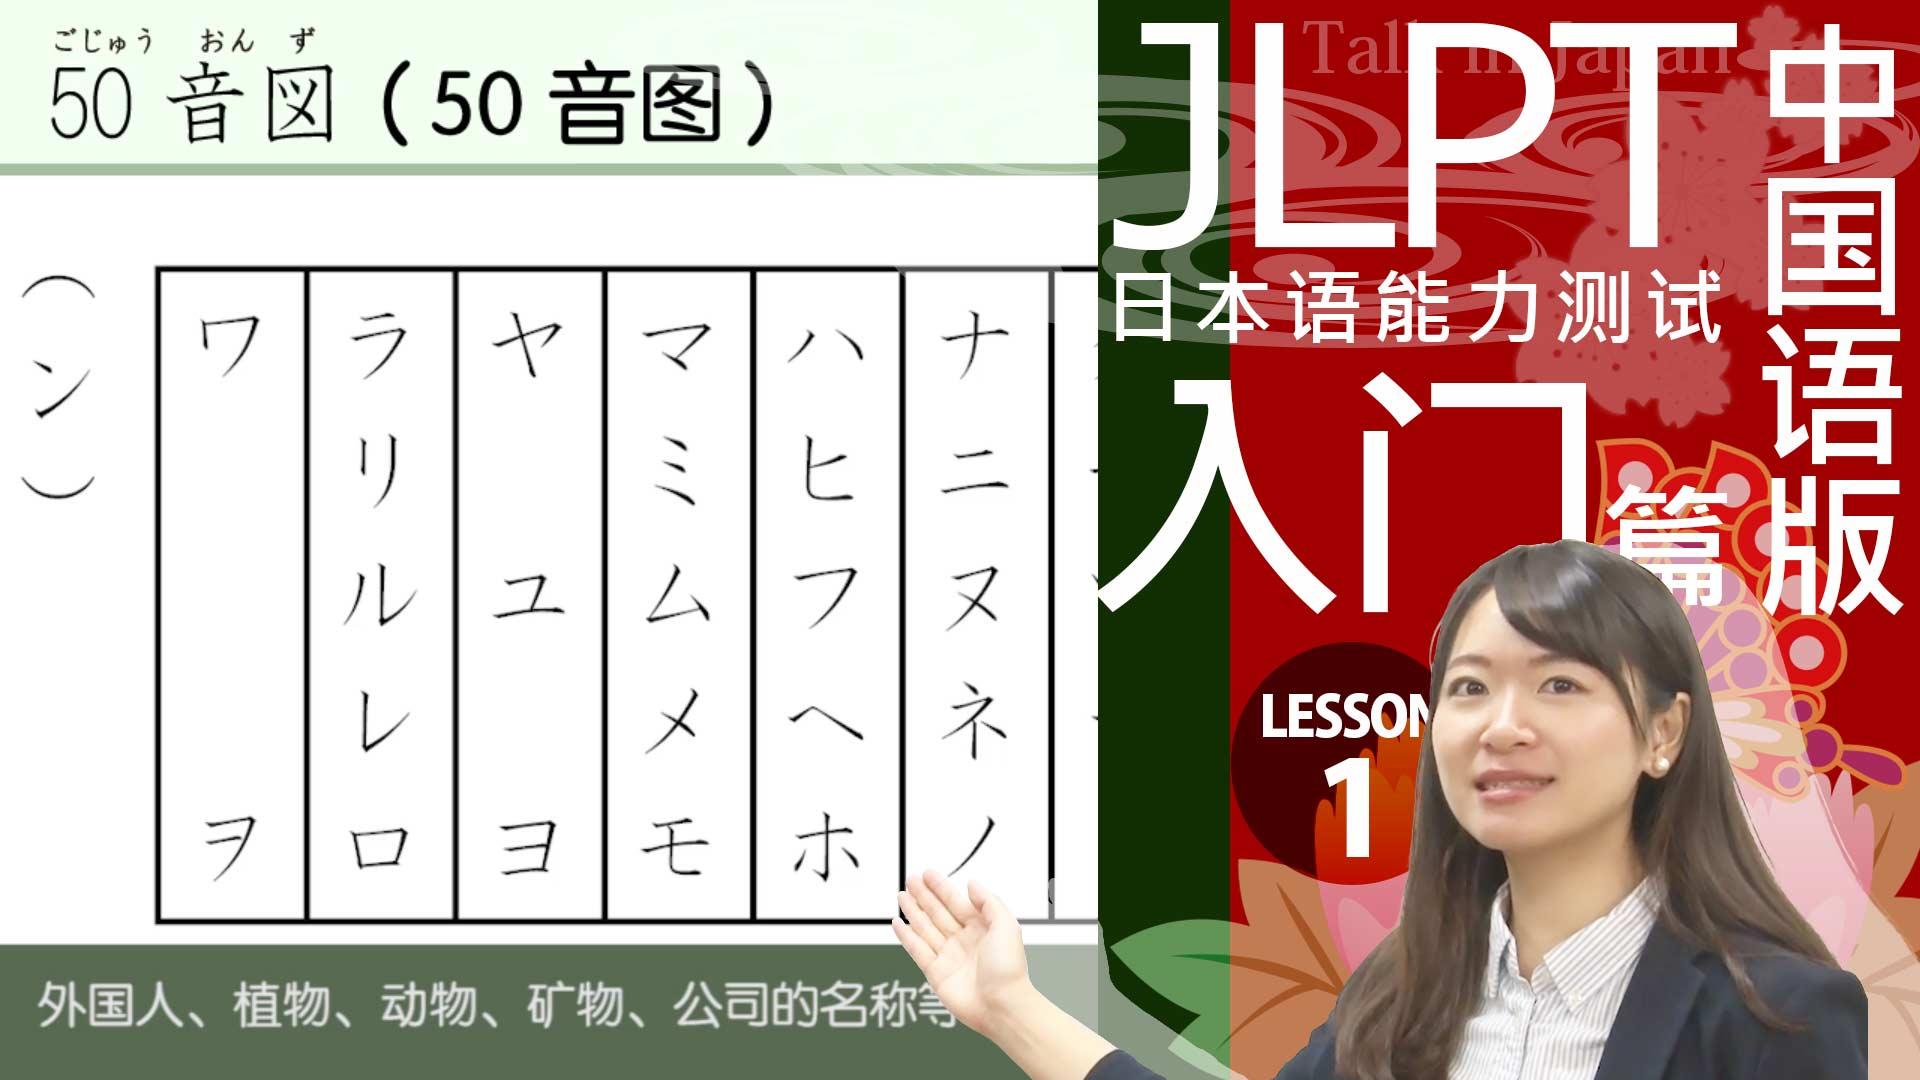 日本語学校・企業向け日本能力試験eラーニング中国語字幕版「サブスクリプション定額見放題」提供開始